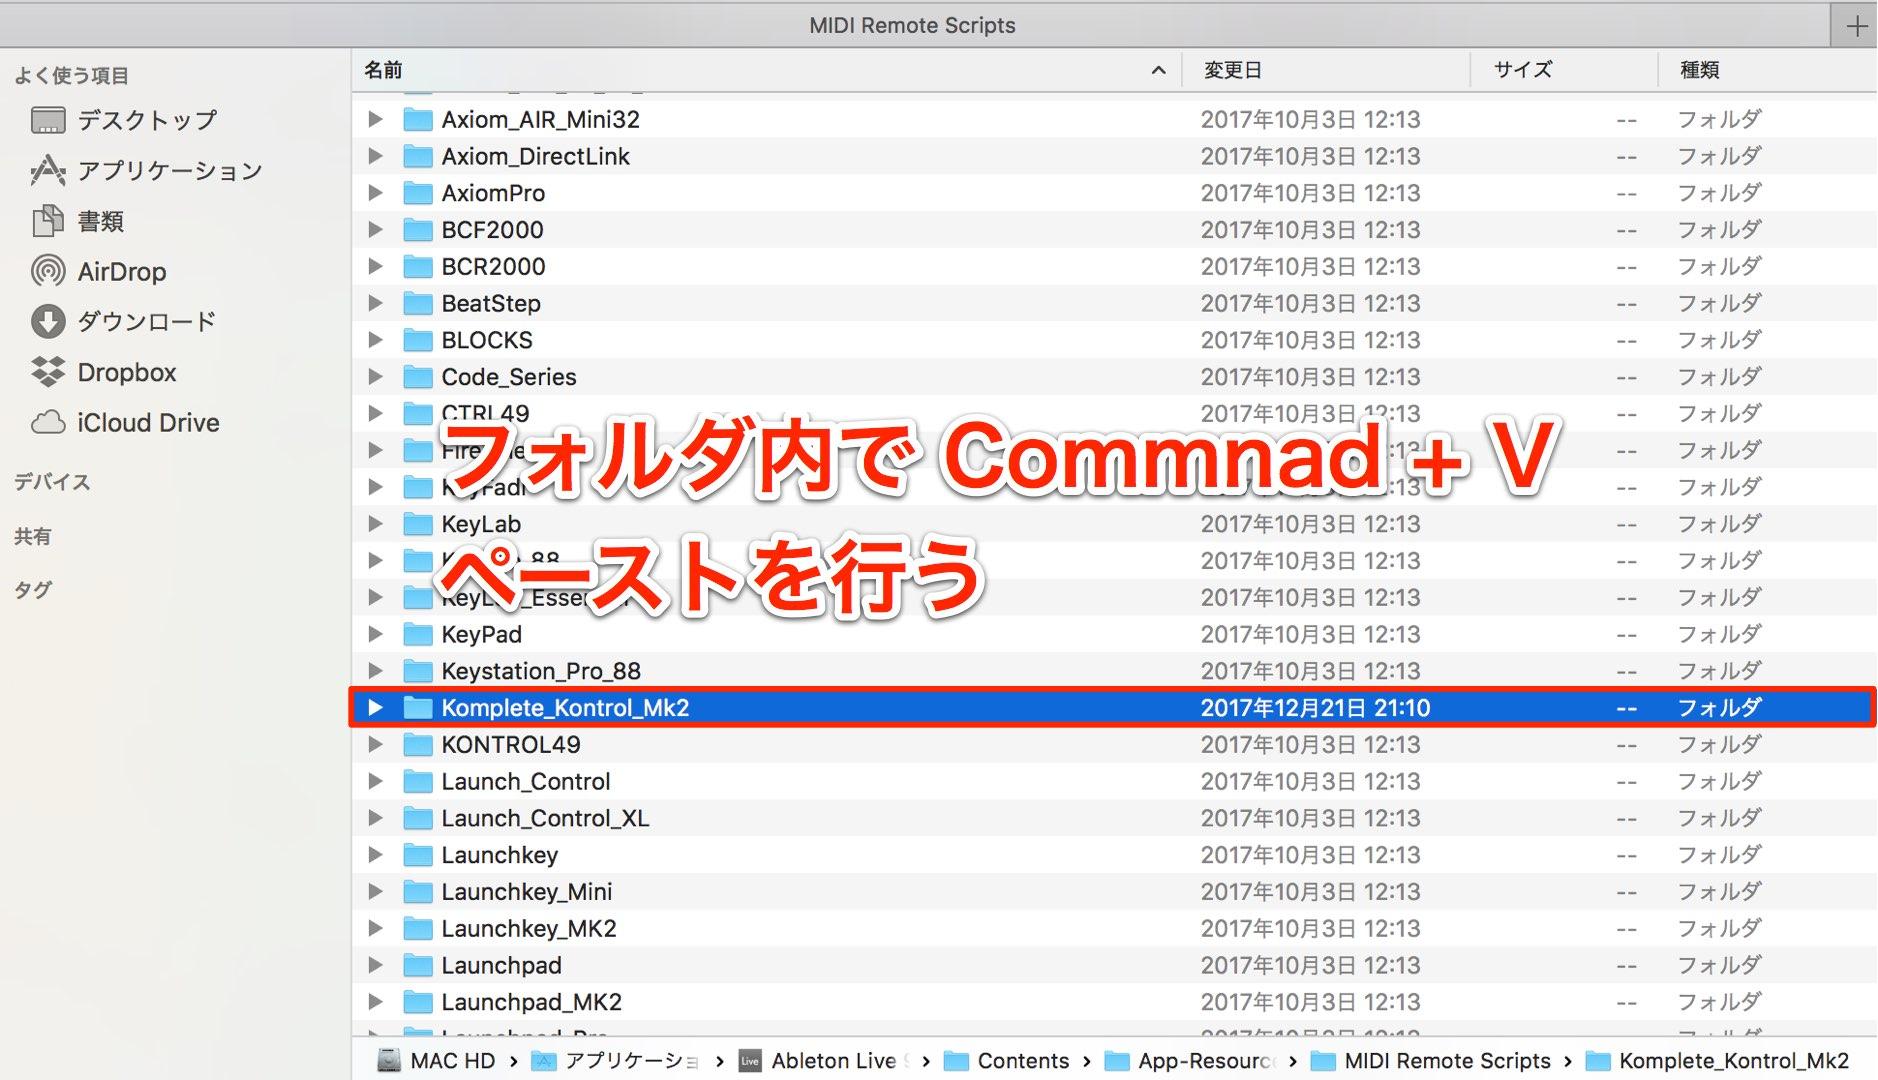 MIDI Remote Scripts-1